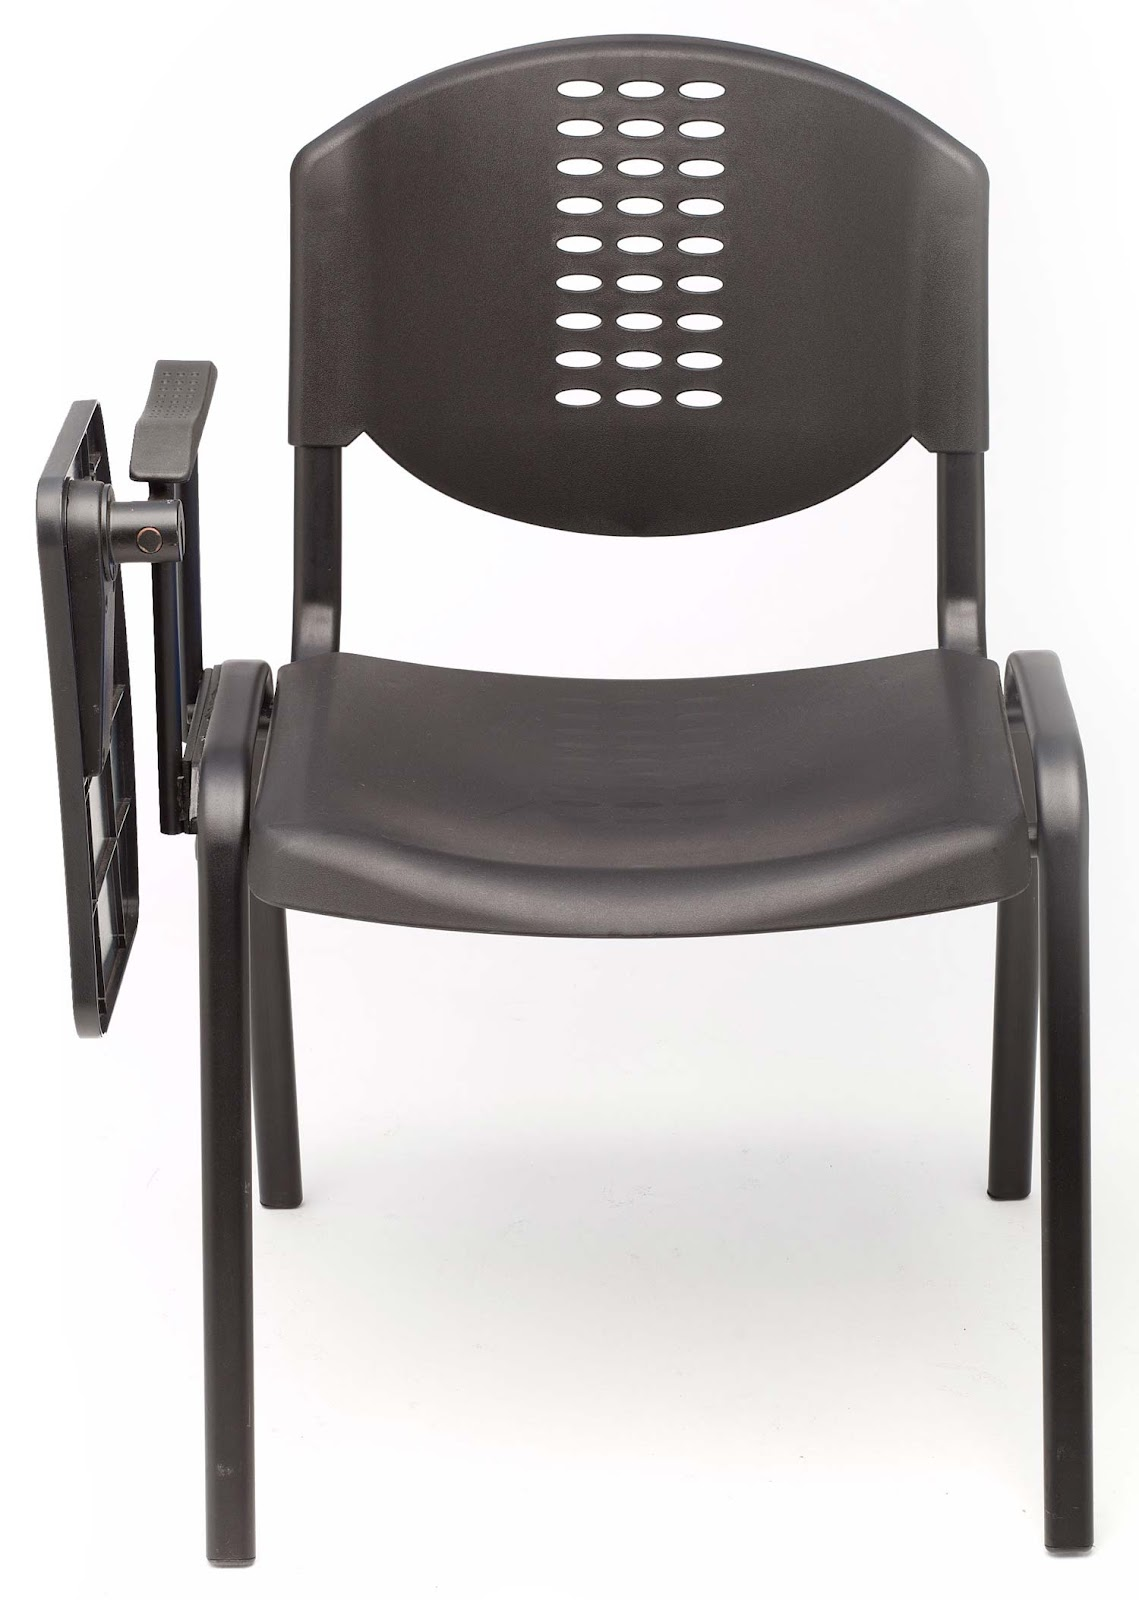 Maison moderne construction chaise pliante table pliante une solution rentable - Maison pliante ...